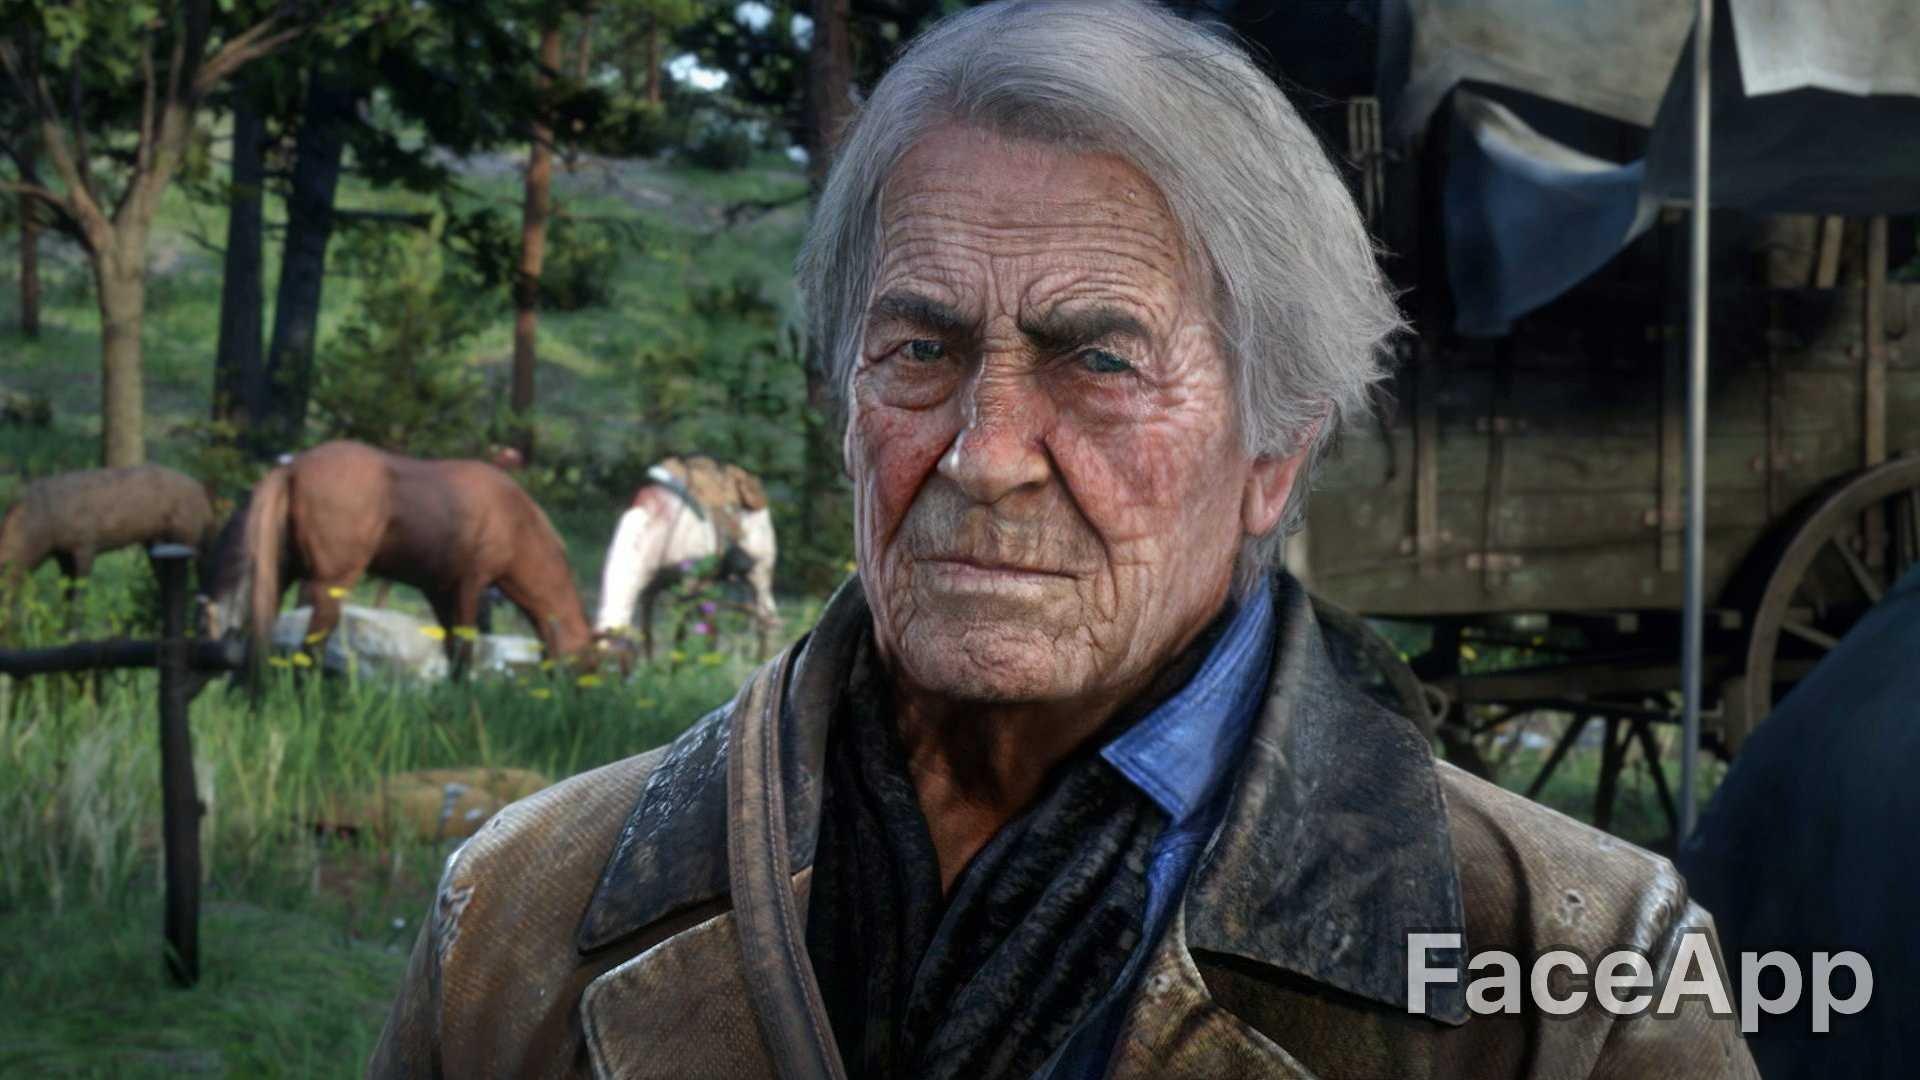 Come sarebbero i personaggi dei videogiochi da anziani